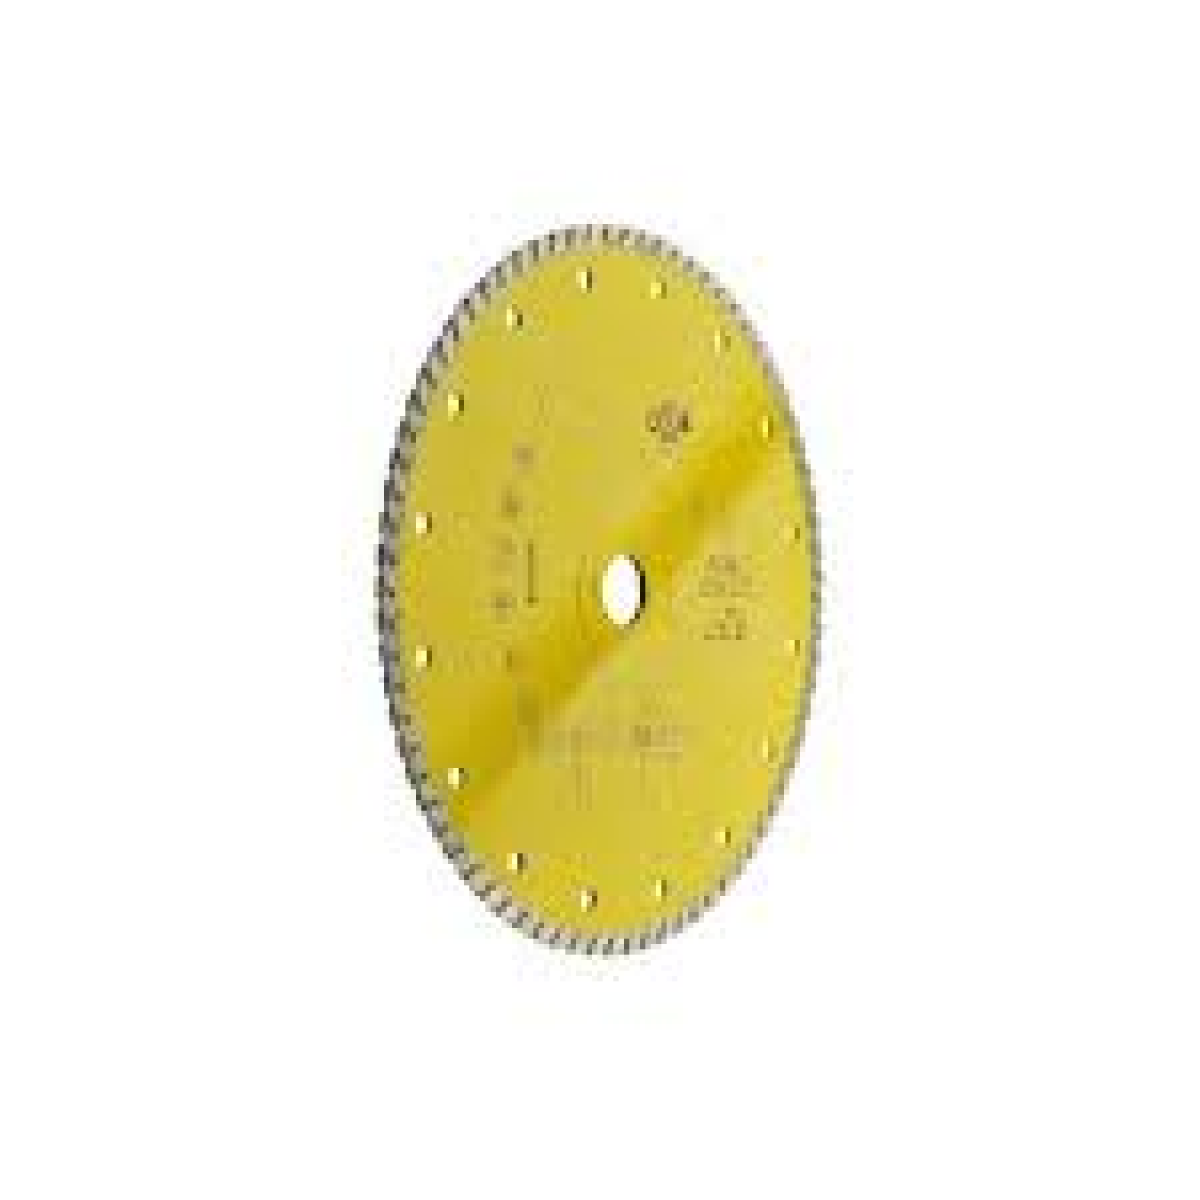 Cer giallo disco per il taglio delle ceramiche più dure